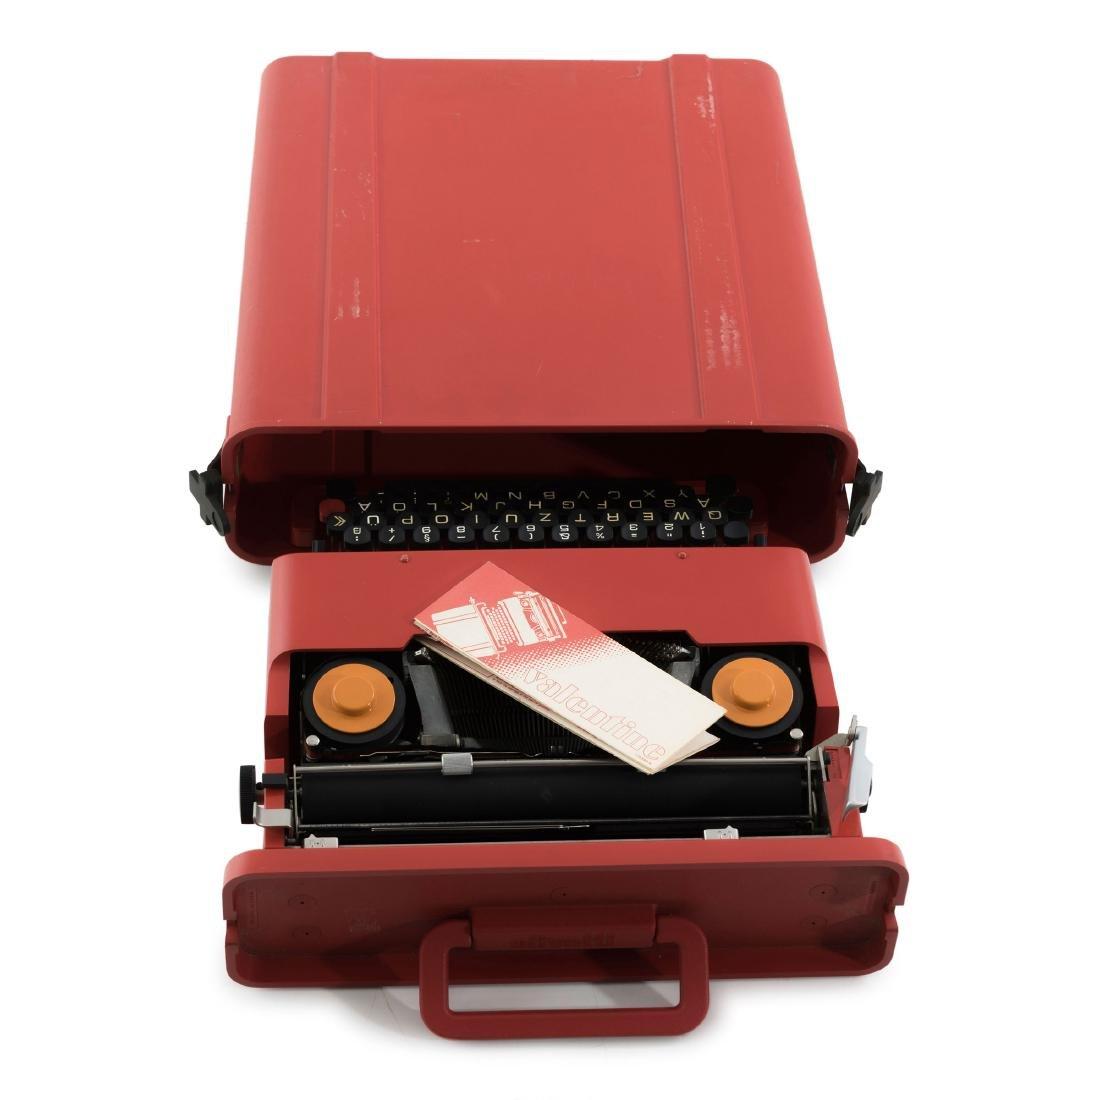 'Valentine S' typewriter, 1969